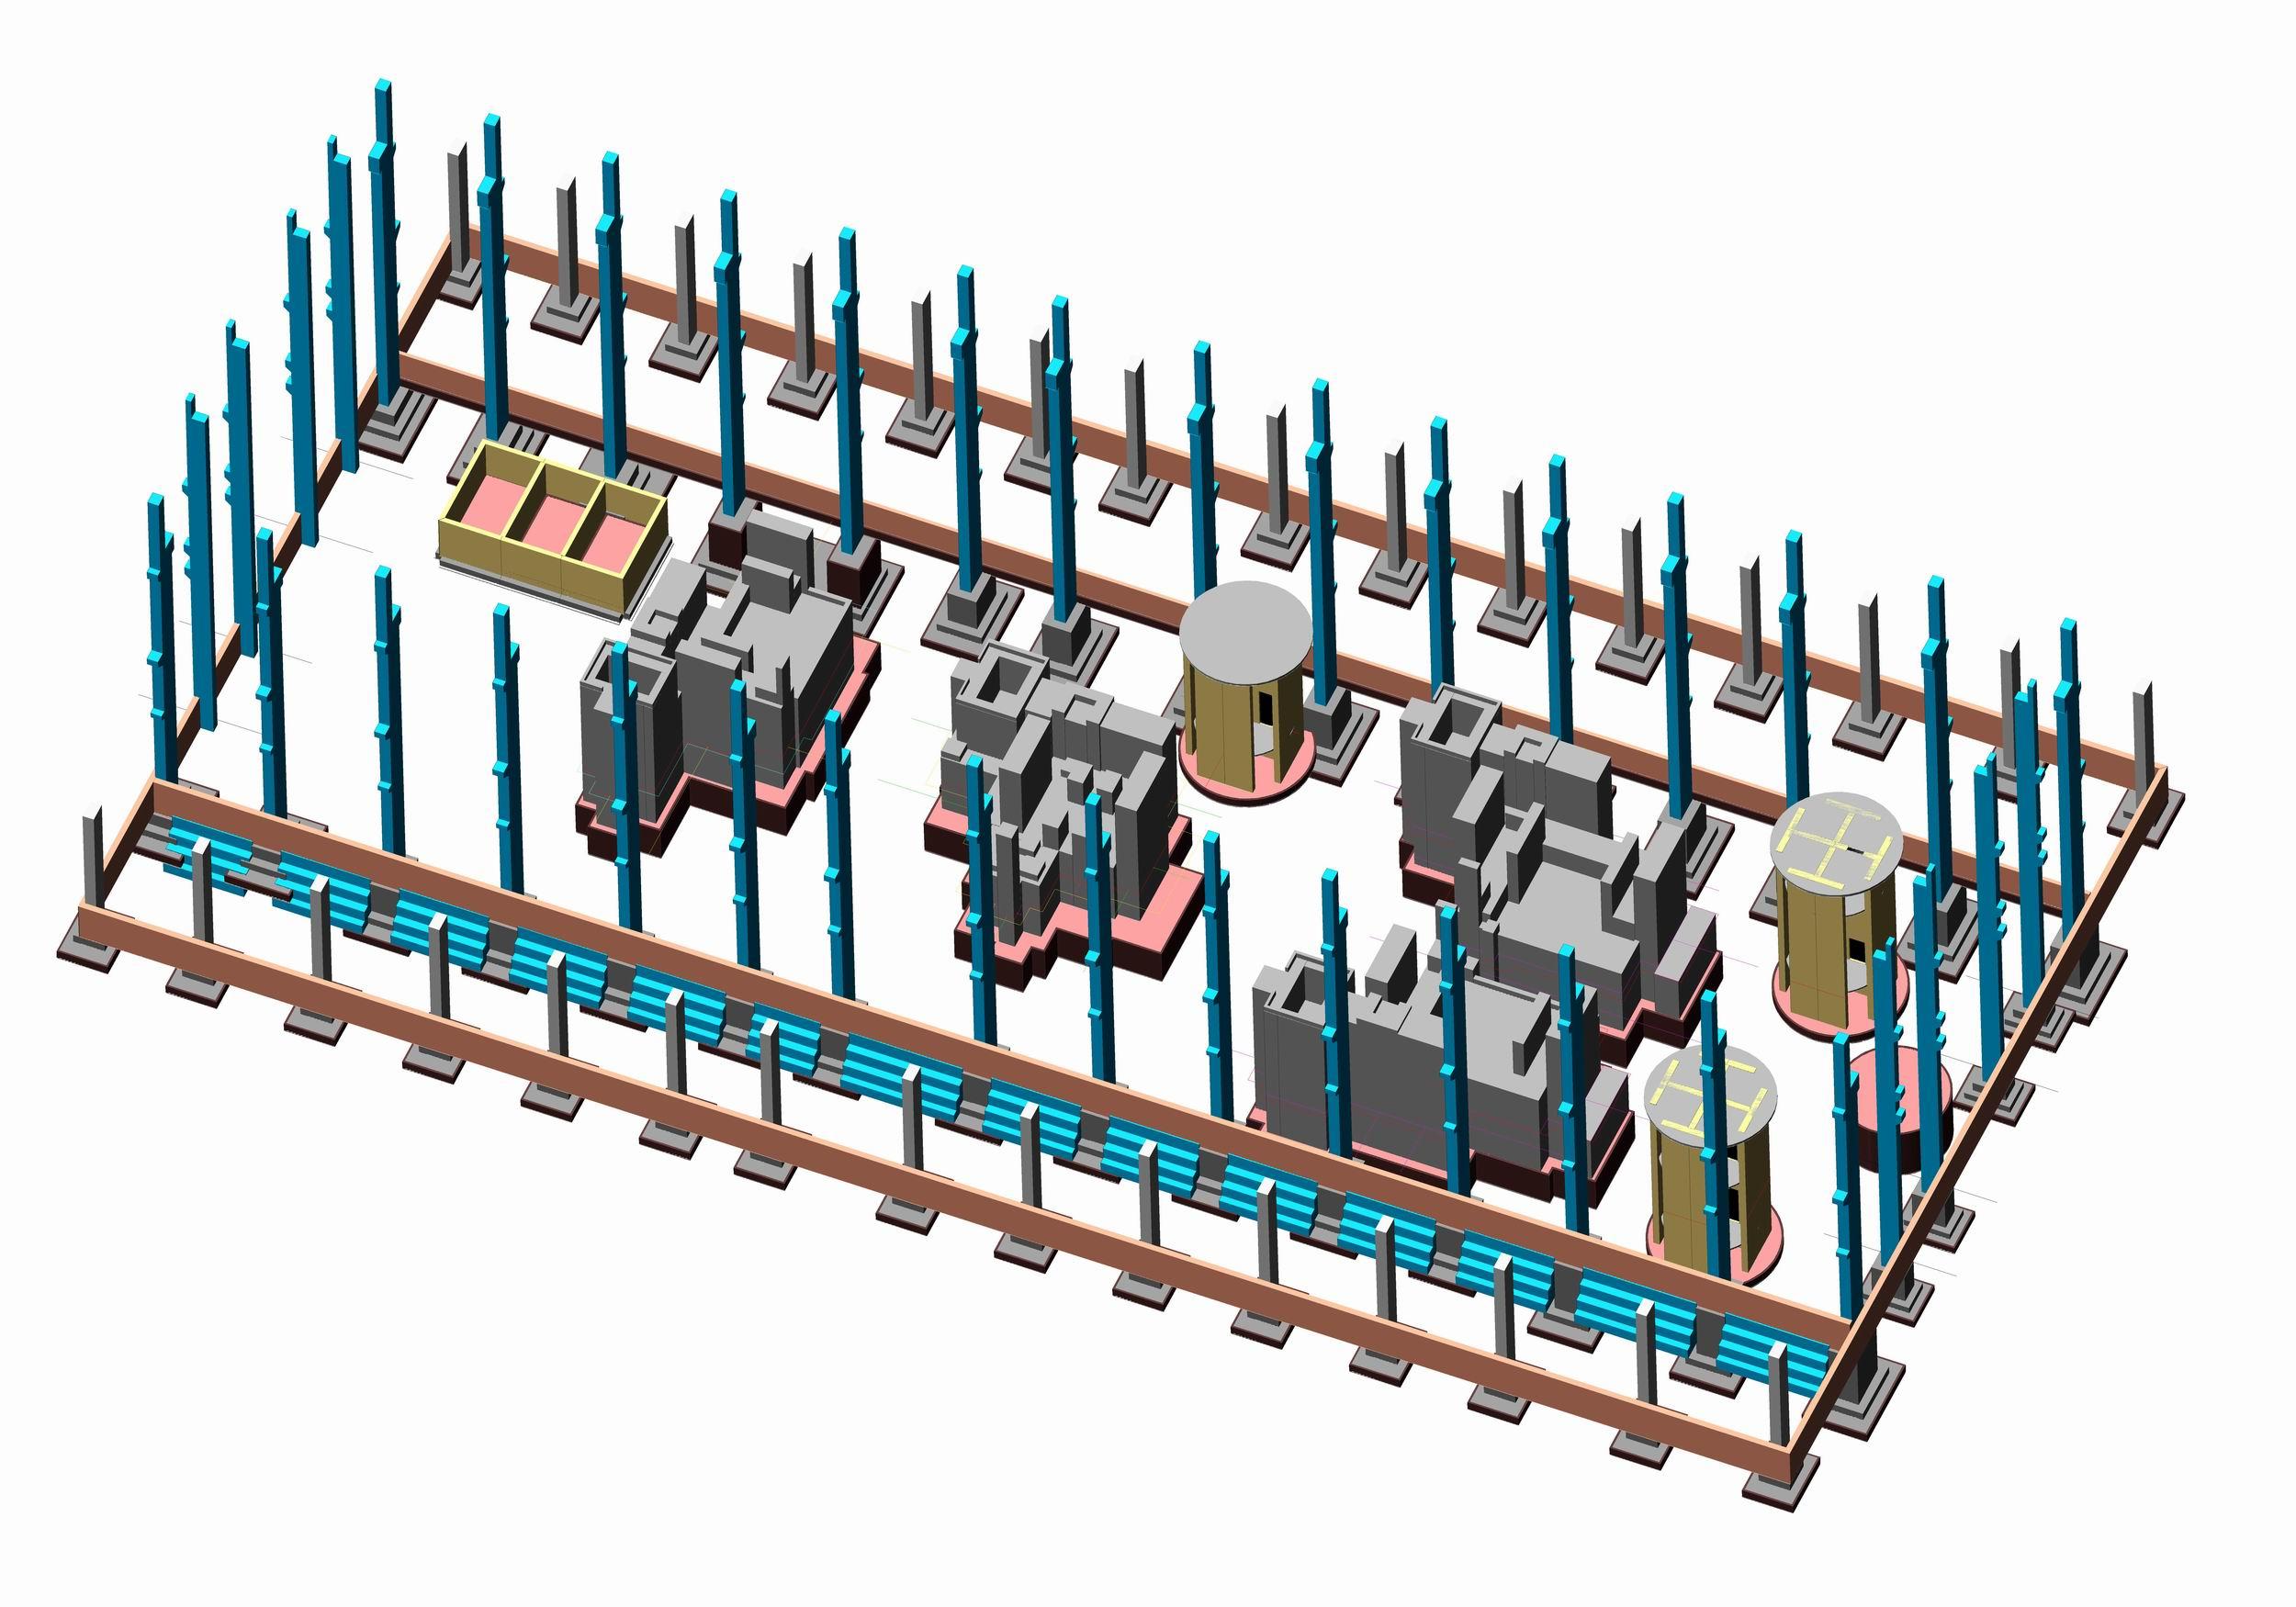 电路板 设备 2500_1750